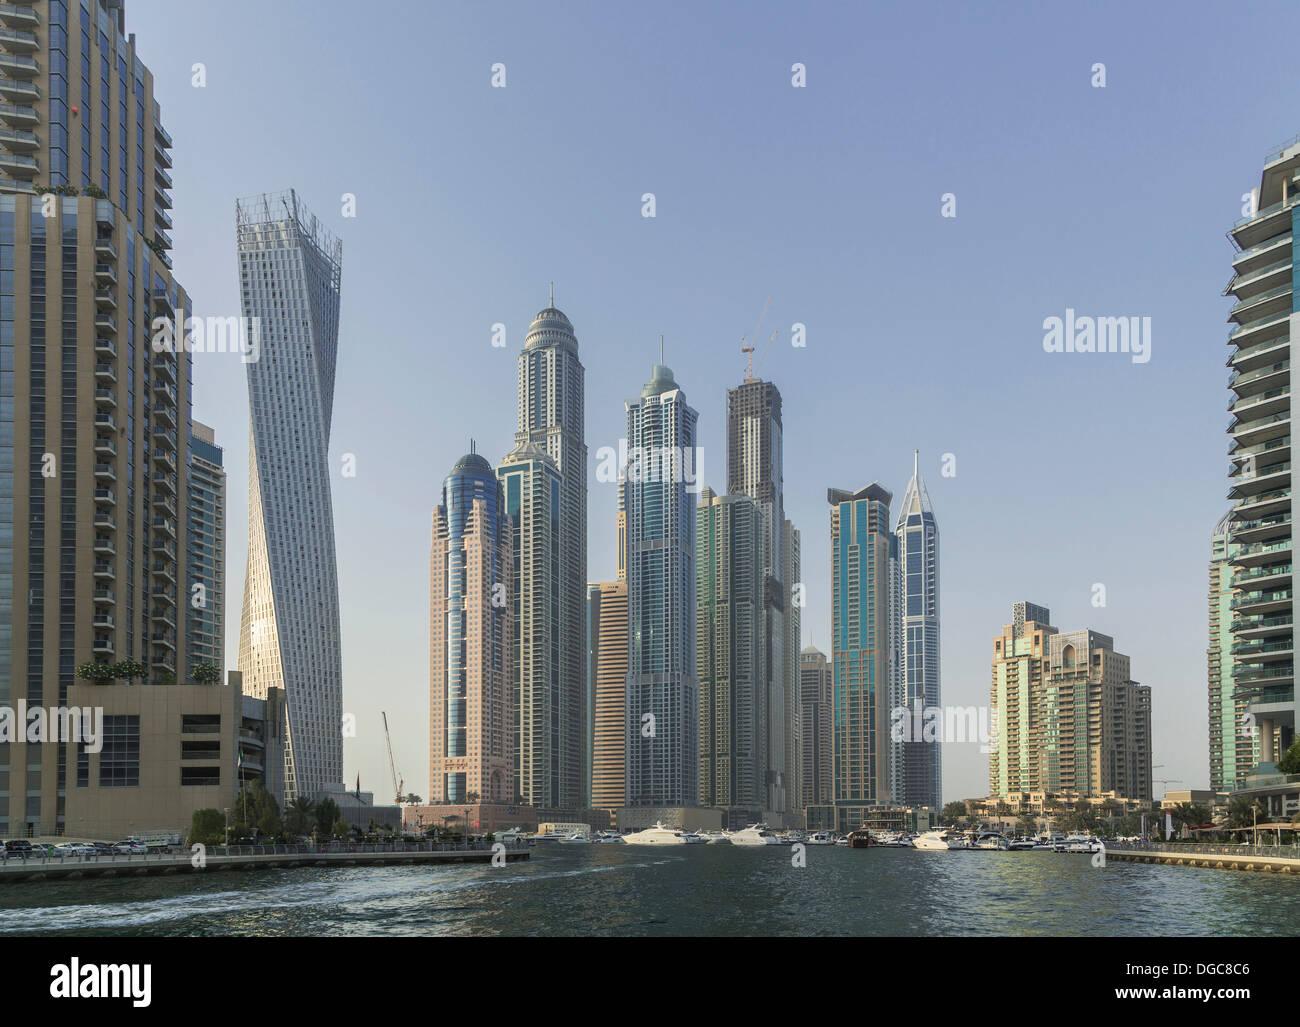 Grattacieli di Dubai Marina, Dubai, Emirati Arabi Uniti Immagini Stock